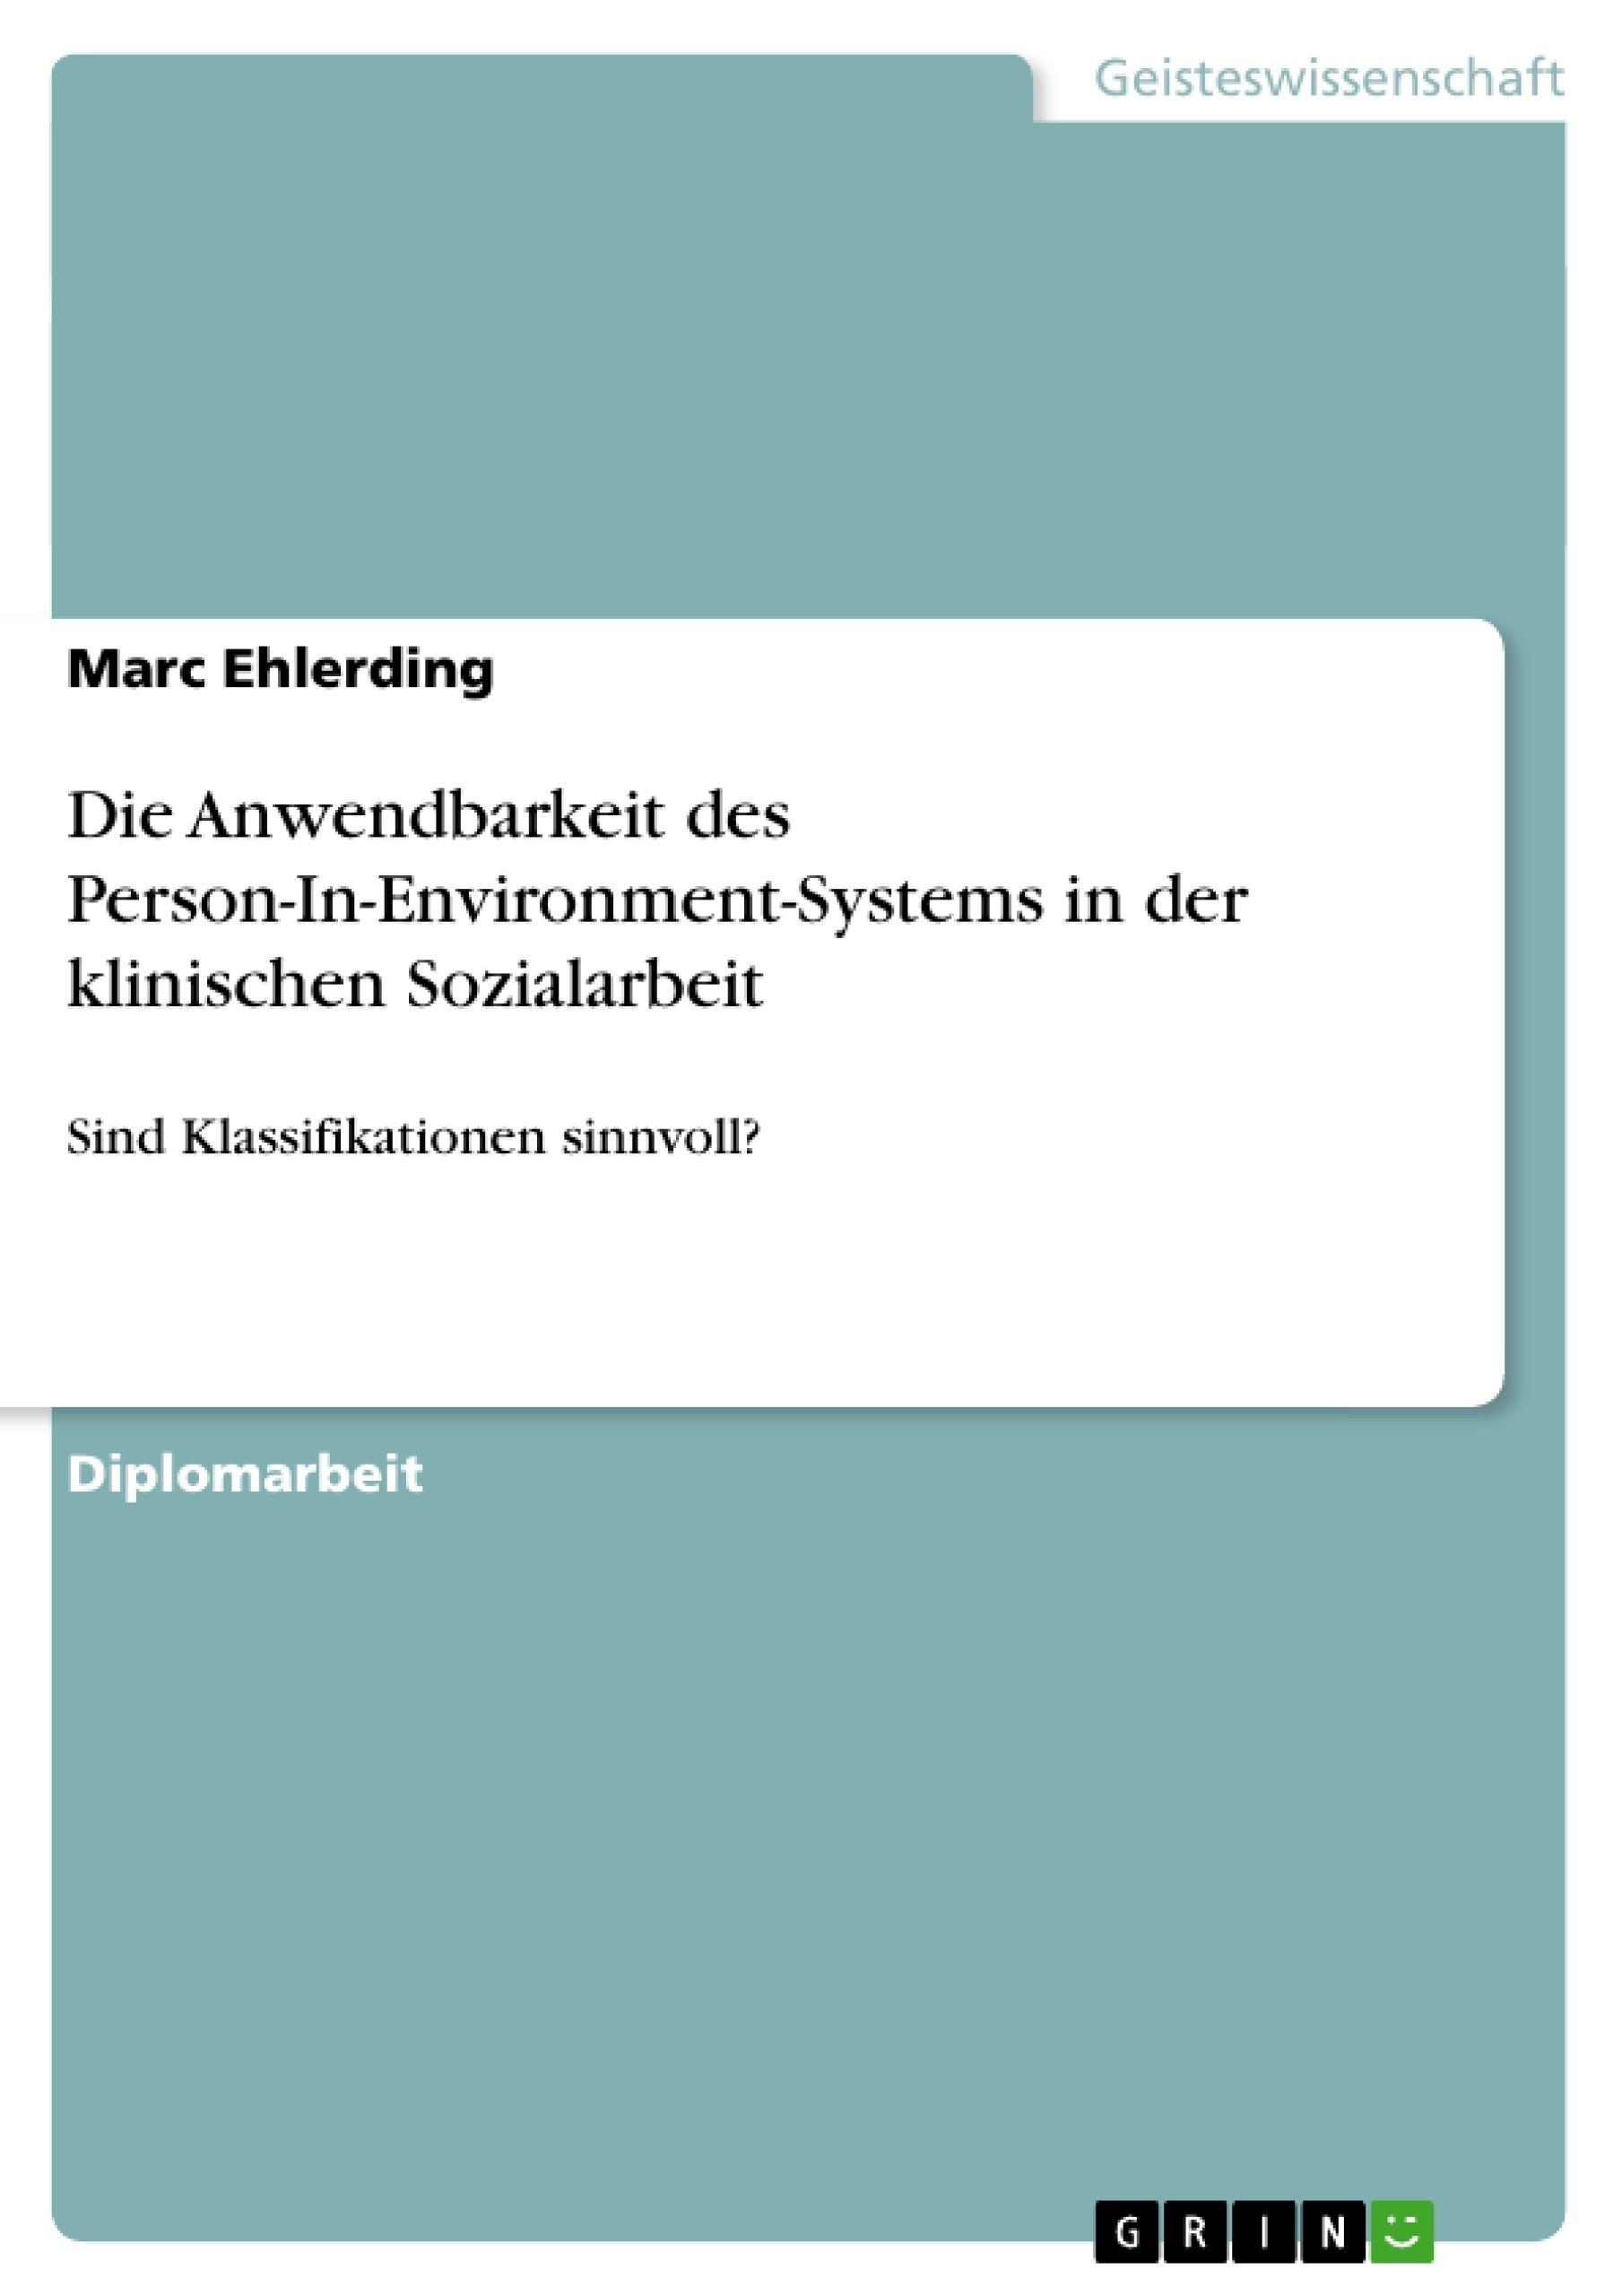 Titel: Die Anwendbarkeit des Person-In-Environment-Systems in der klinischen Sozialarbeit